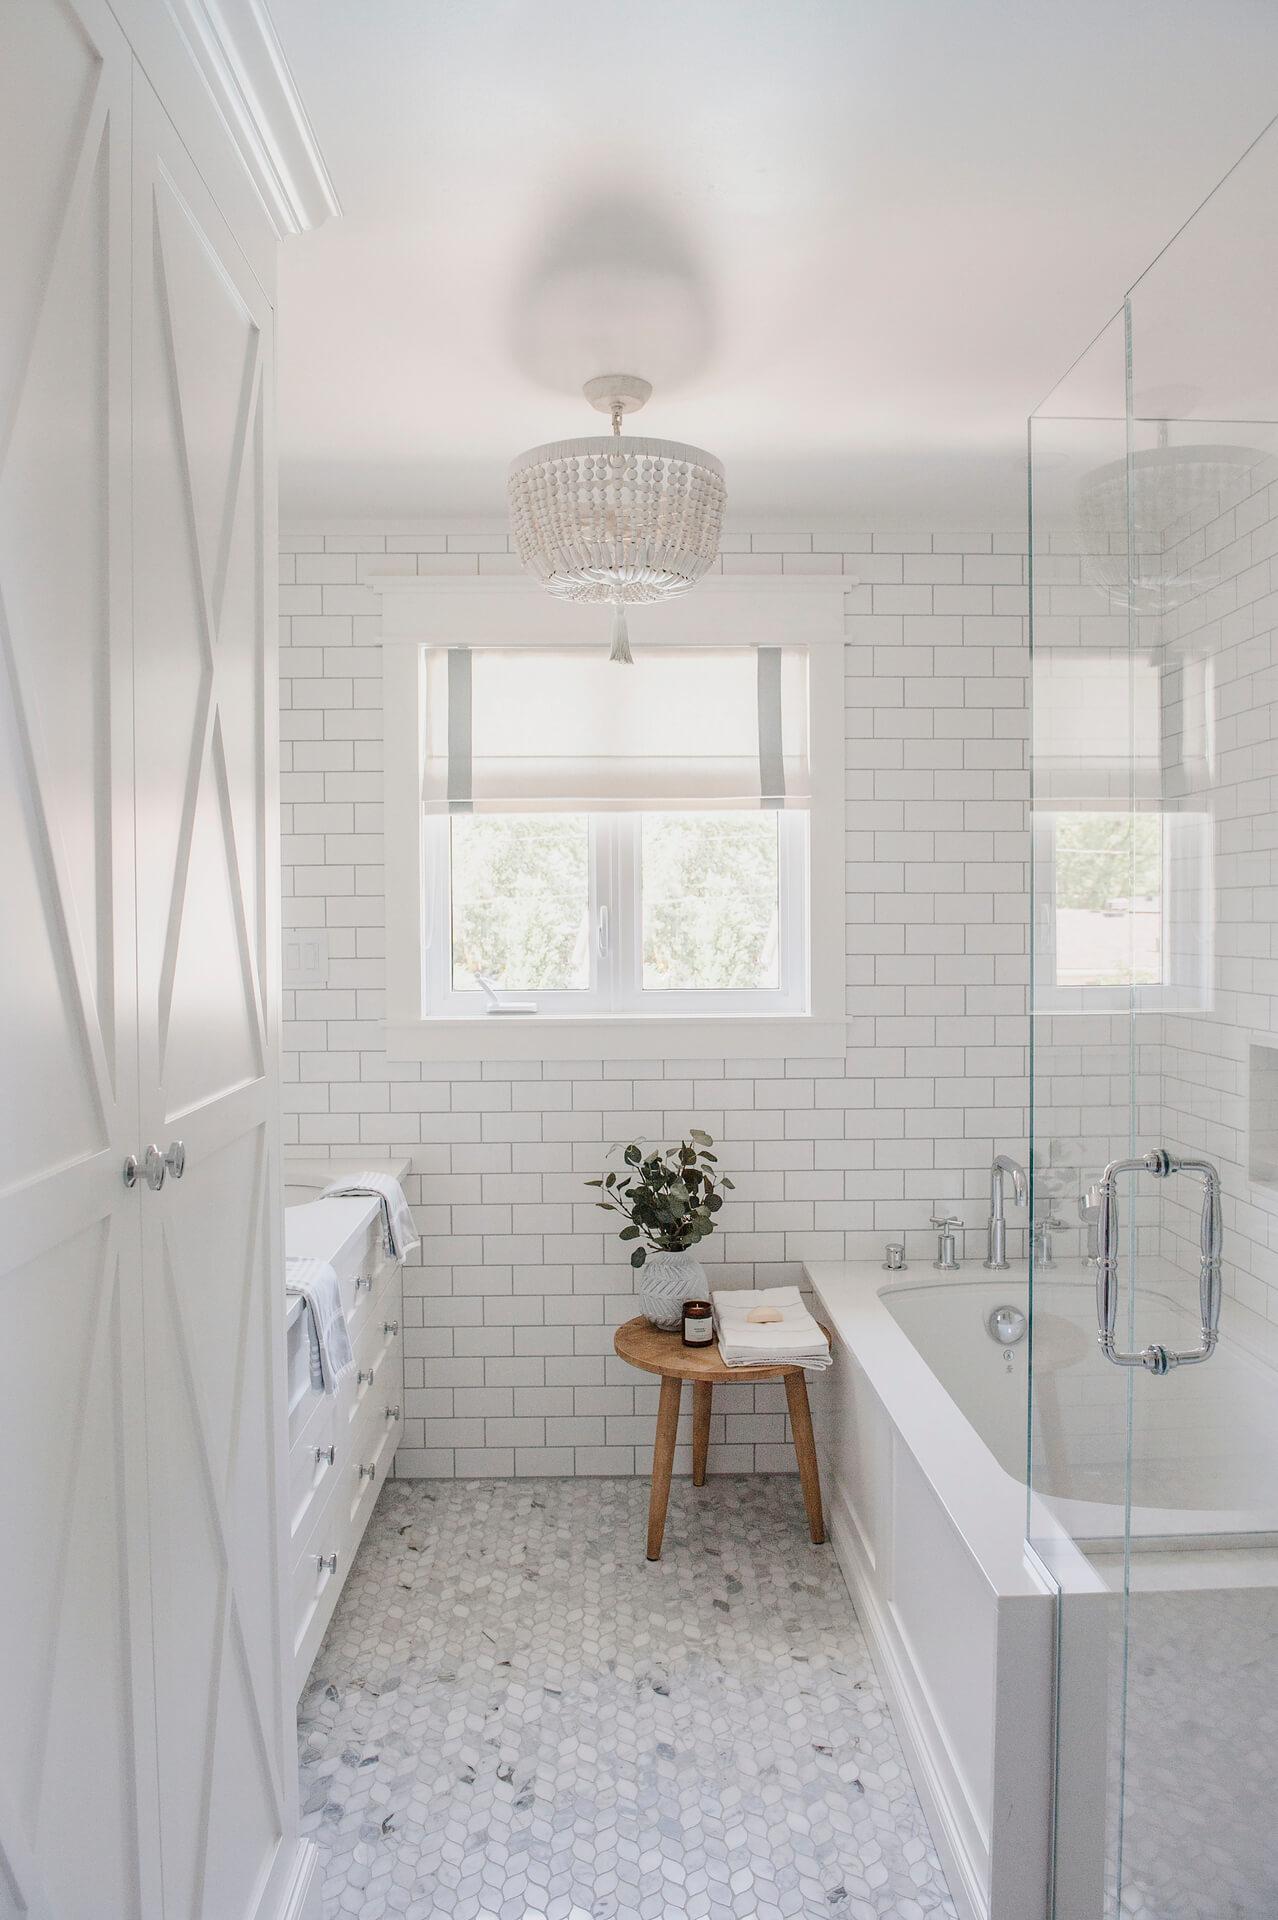 Frobisher AKB Design salle de bain marbre robinetterie murale vanite double quartz lingerie brique blanche20